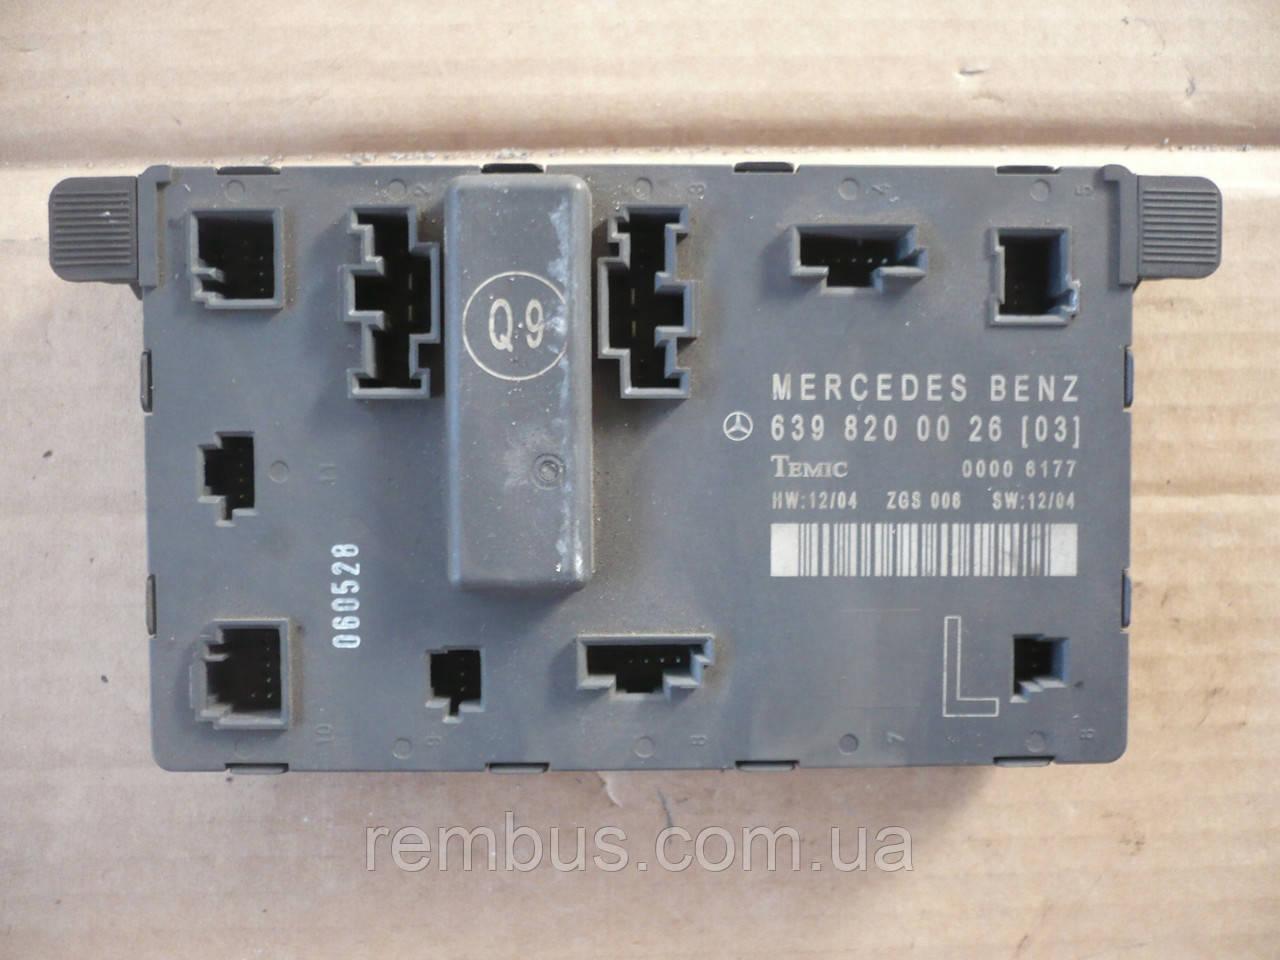 Блок управления двери (L) MB Vito W639 (639.601)